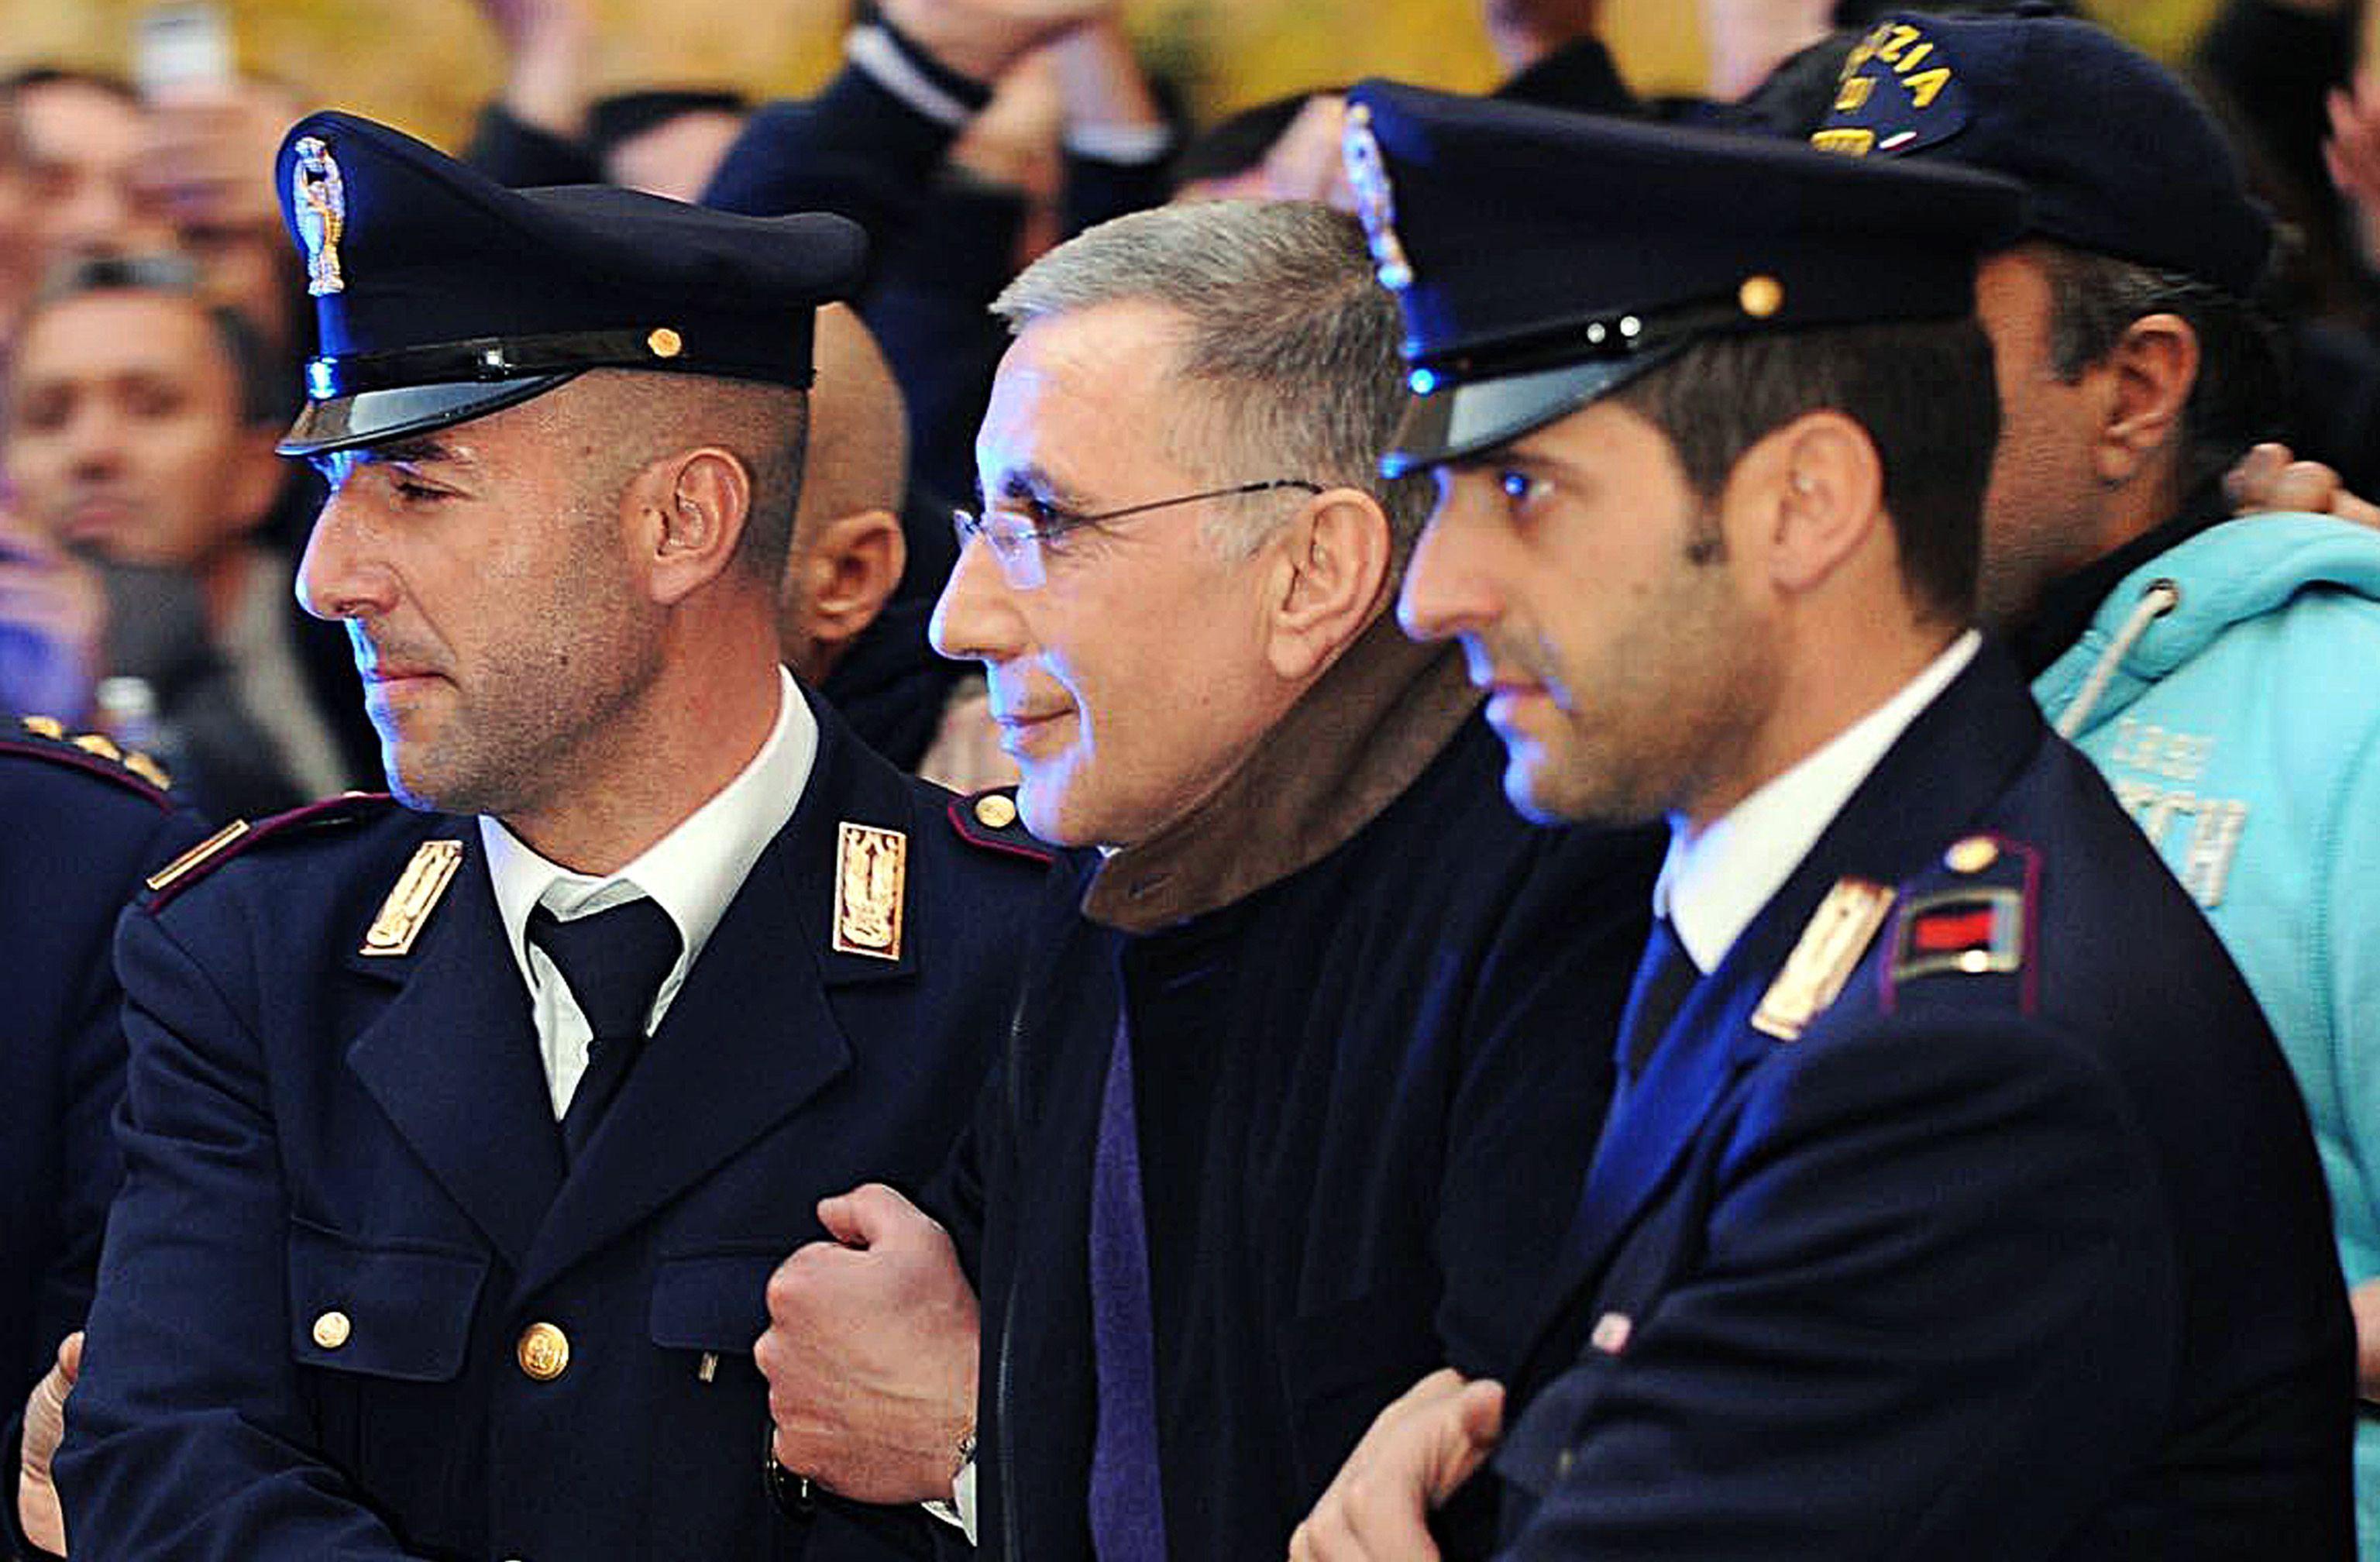 Chi è Michele Zagaria, la biografia e la storia del boss arrestato